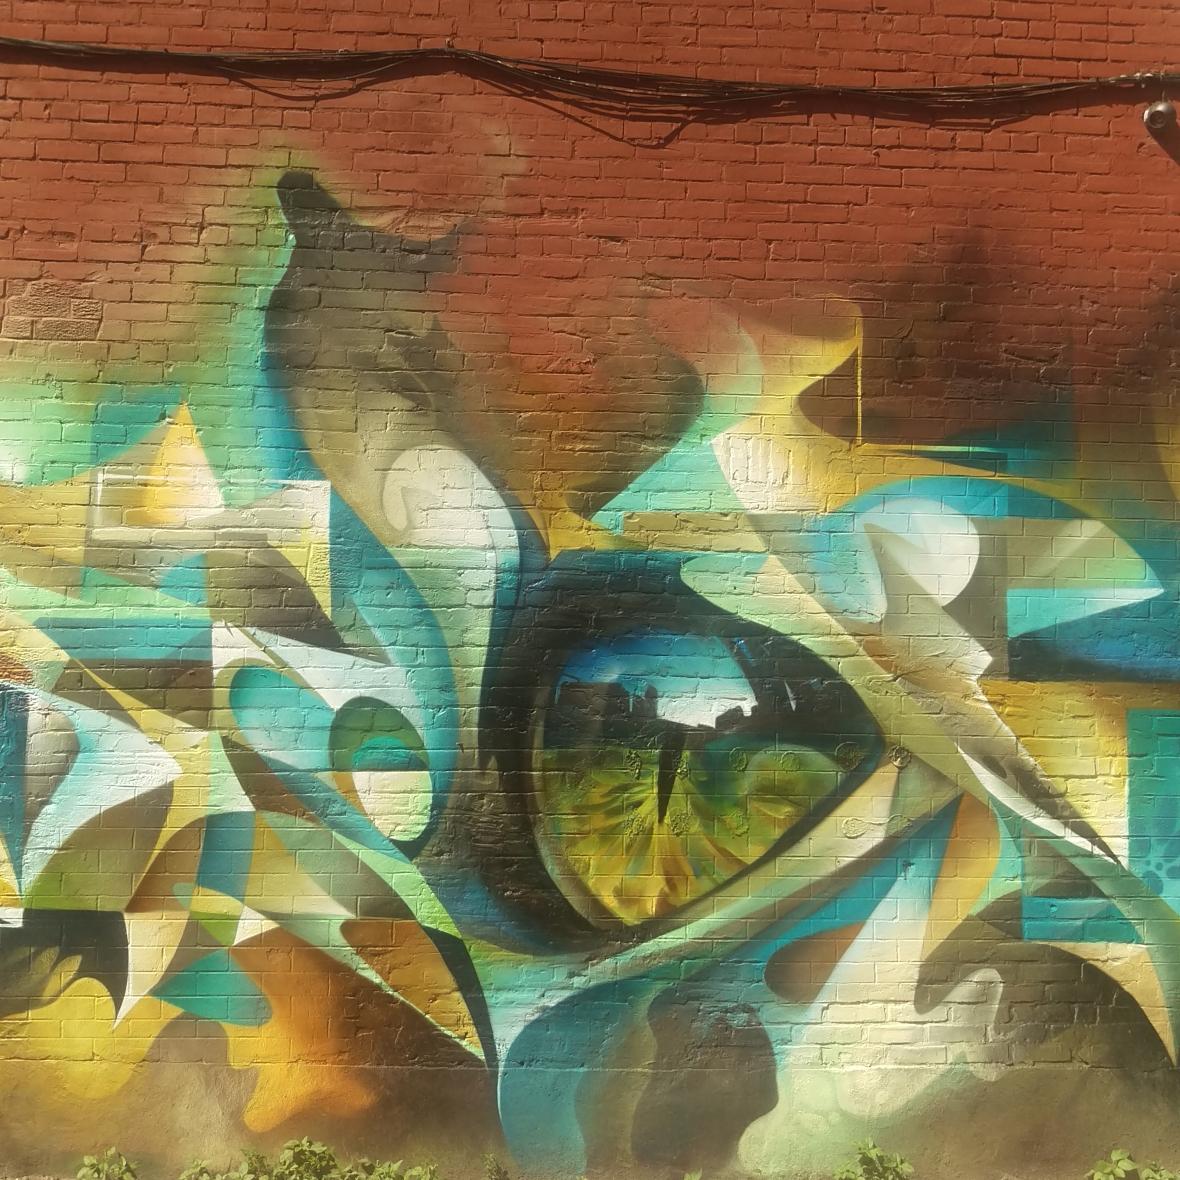 Graffiti Alley - Eye